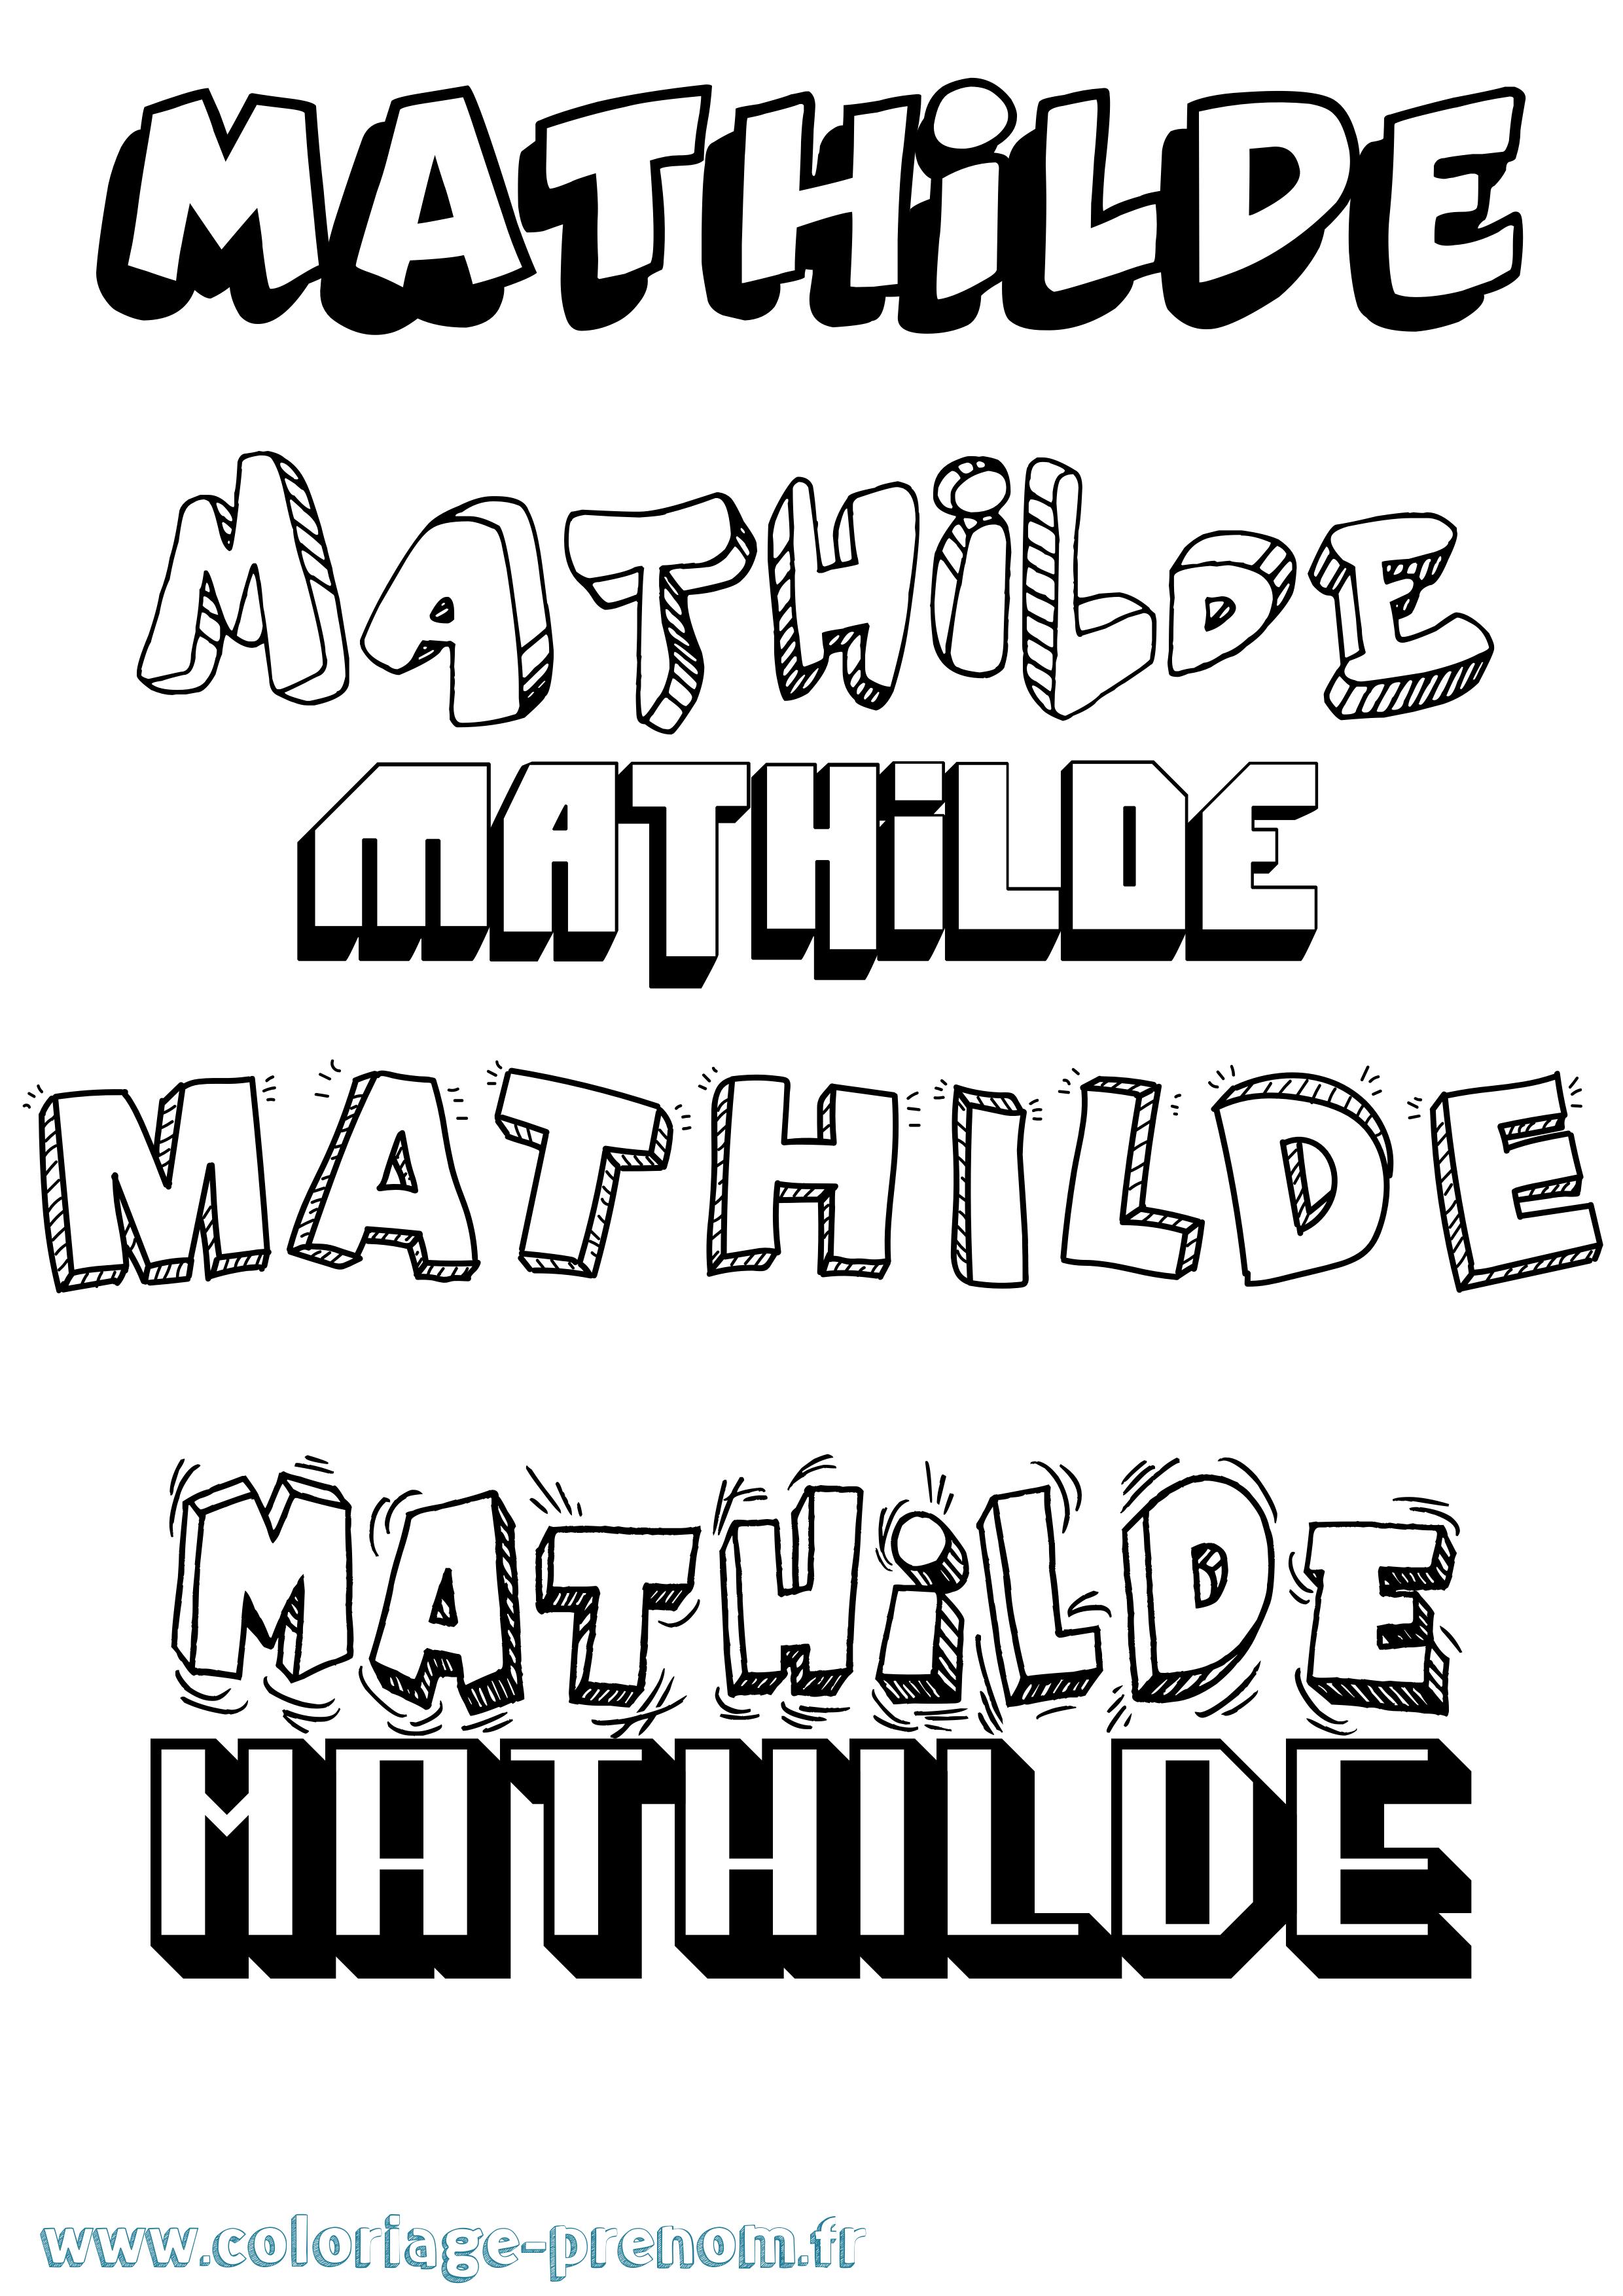 Coloriage du prénom Mathilde : à Imprimer ou Télécharger ...